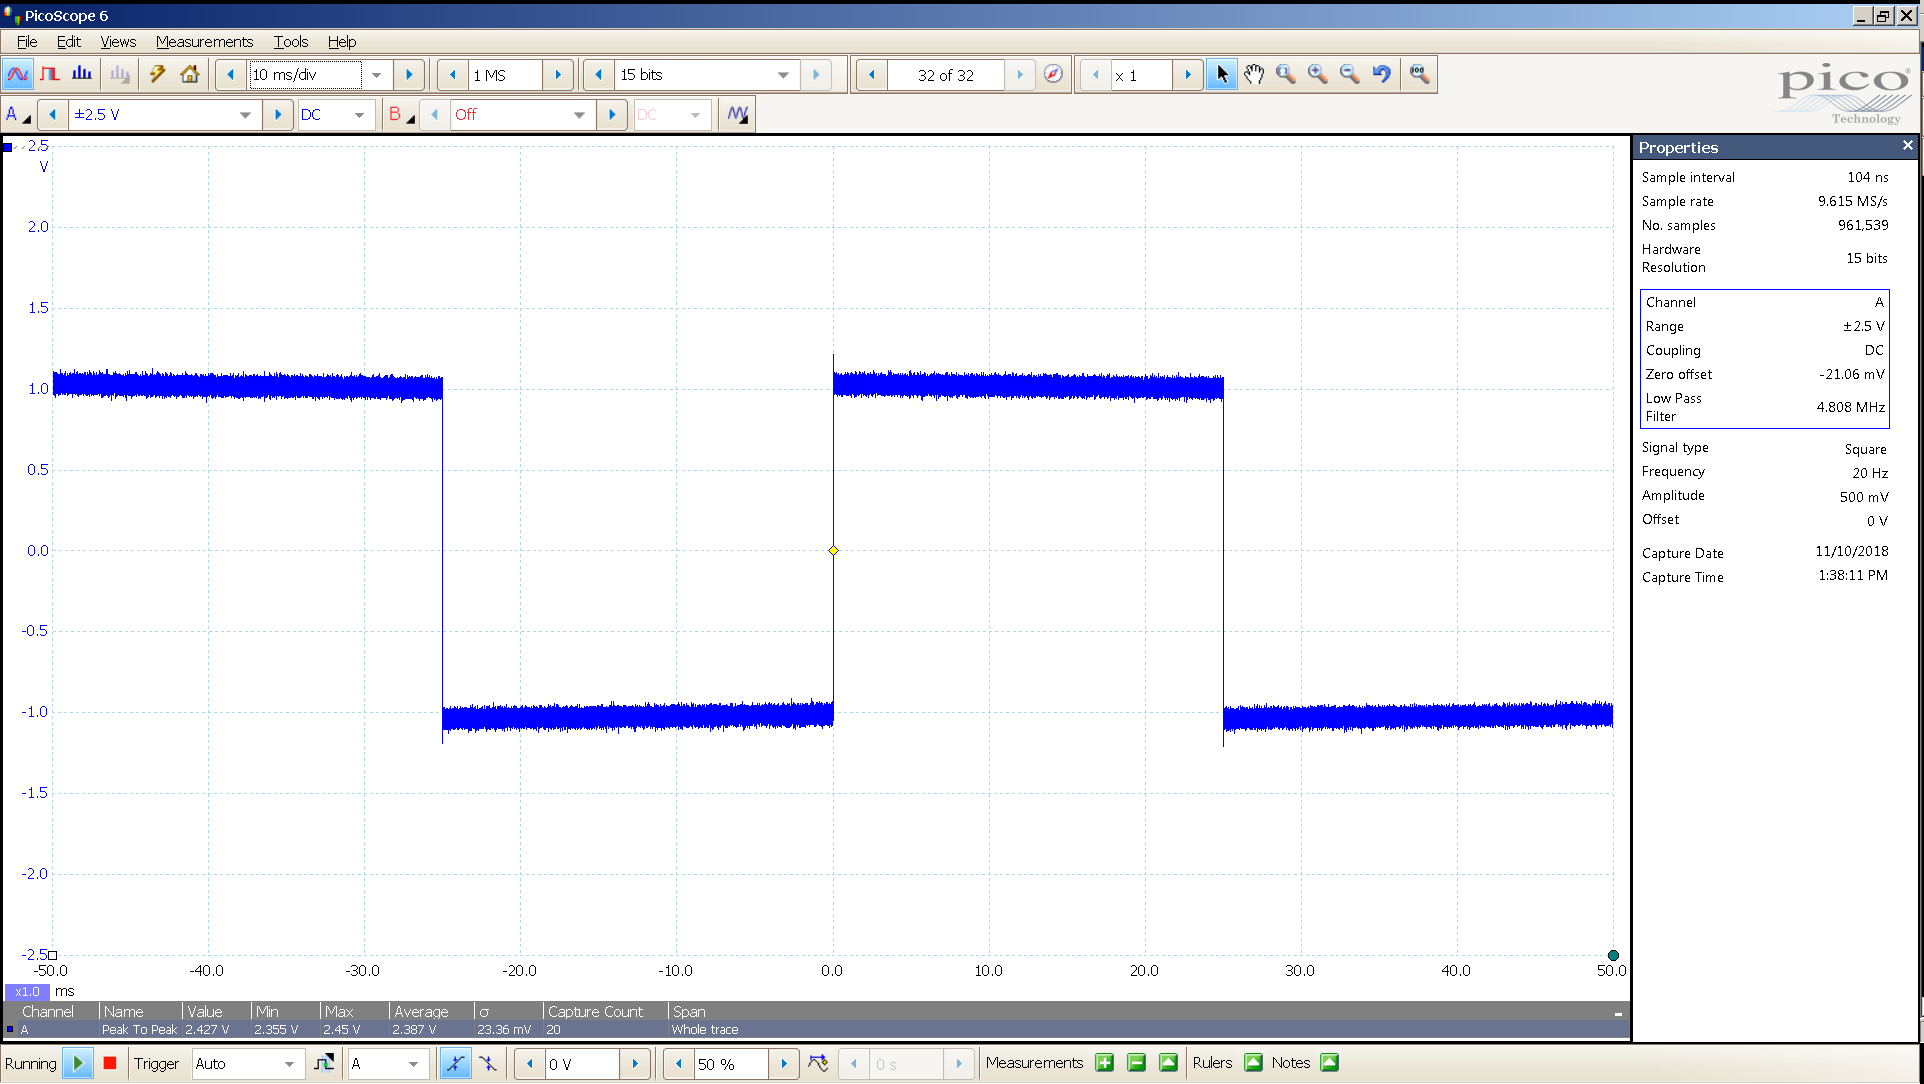 20181110 SigGen LiqPlat 20 Hz square 2000mVpp 10mS div 5MHz filter 30R.png